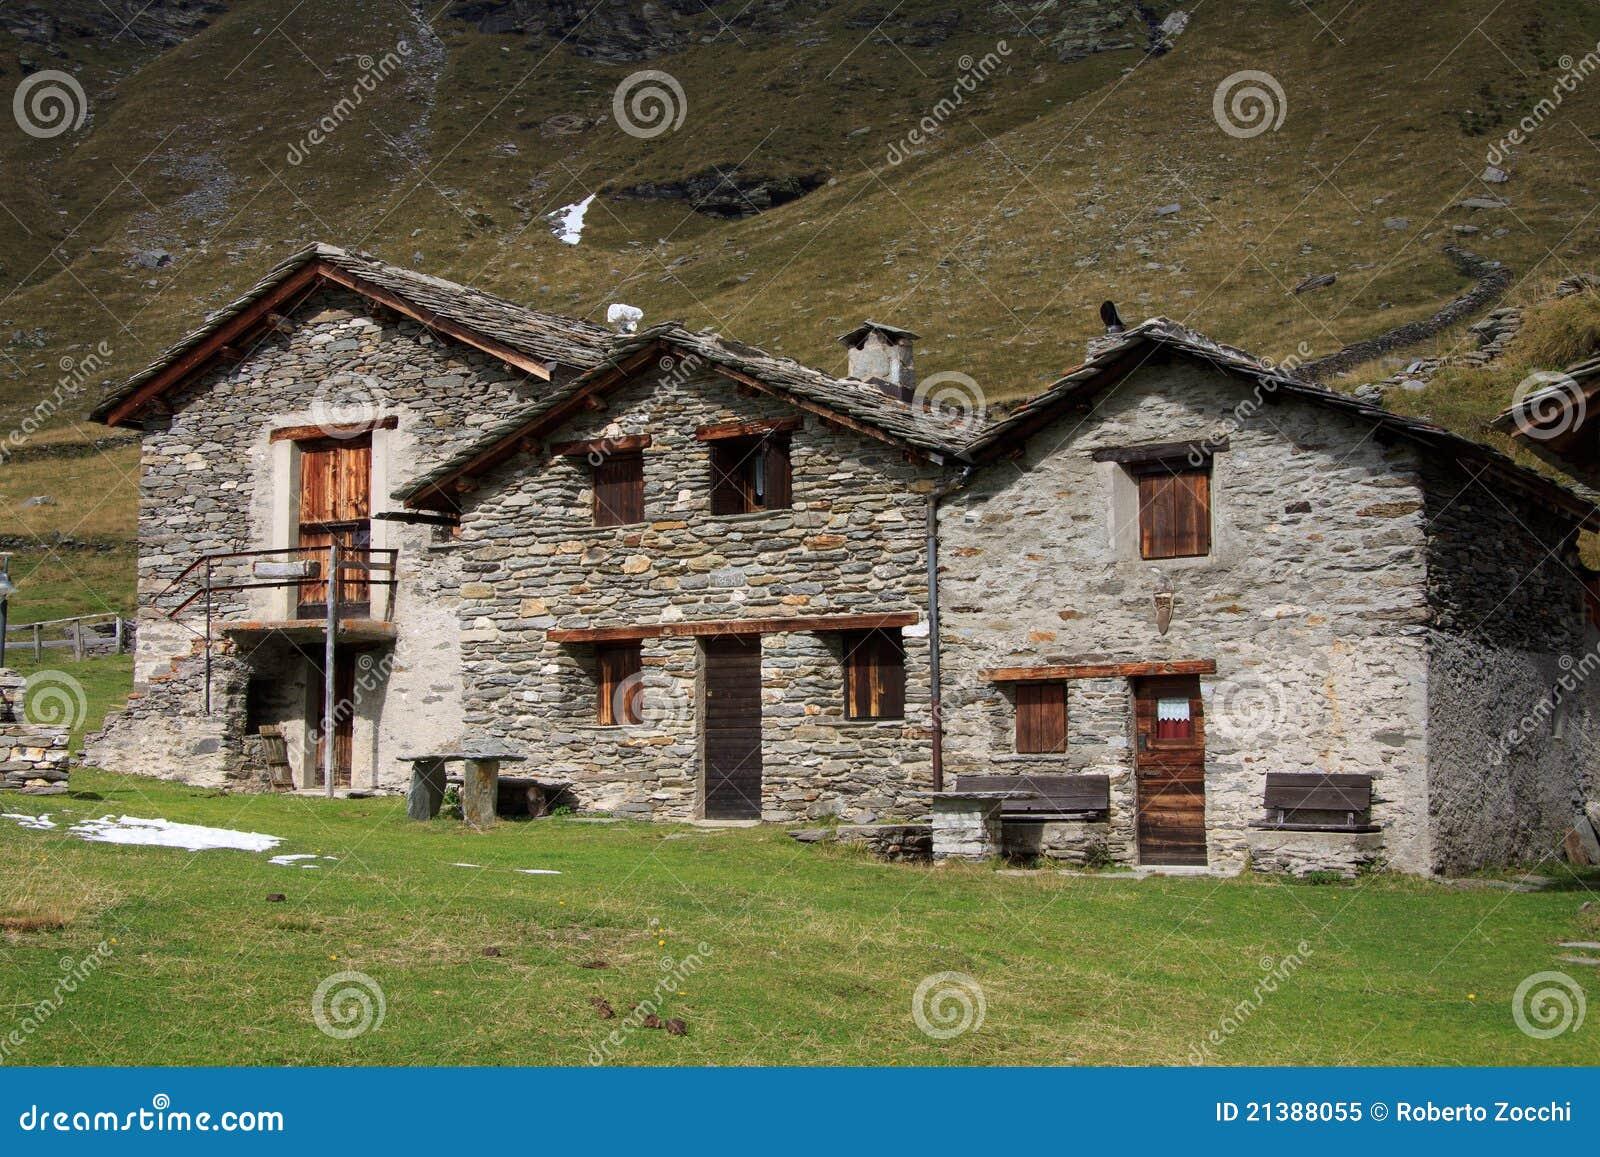 Vieilles maisons en pierre photo libre de droits image for Vieille maison en pierre